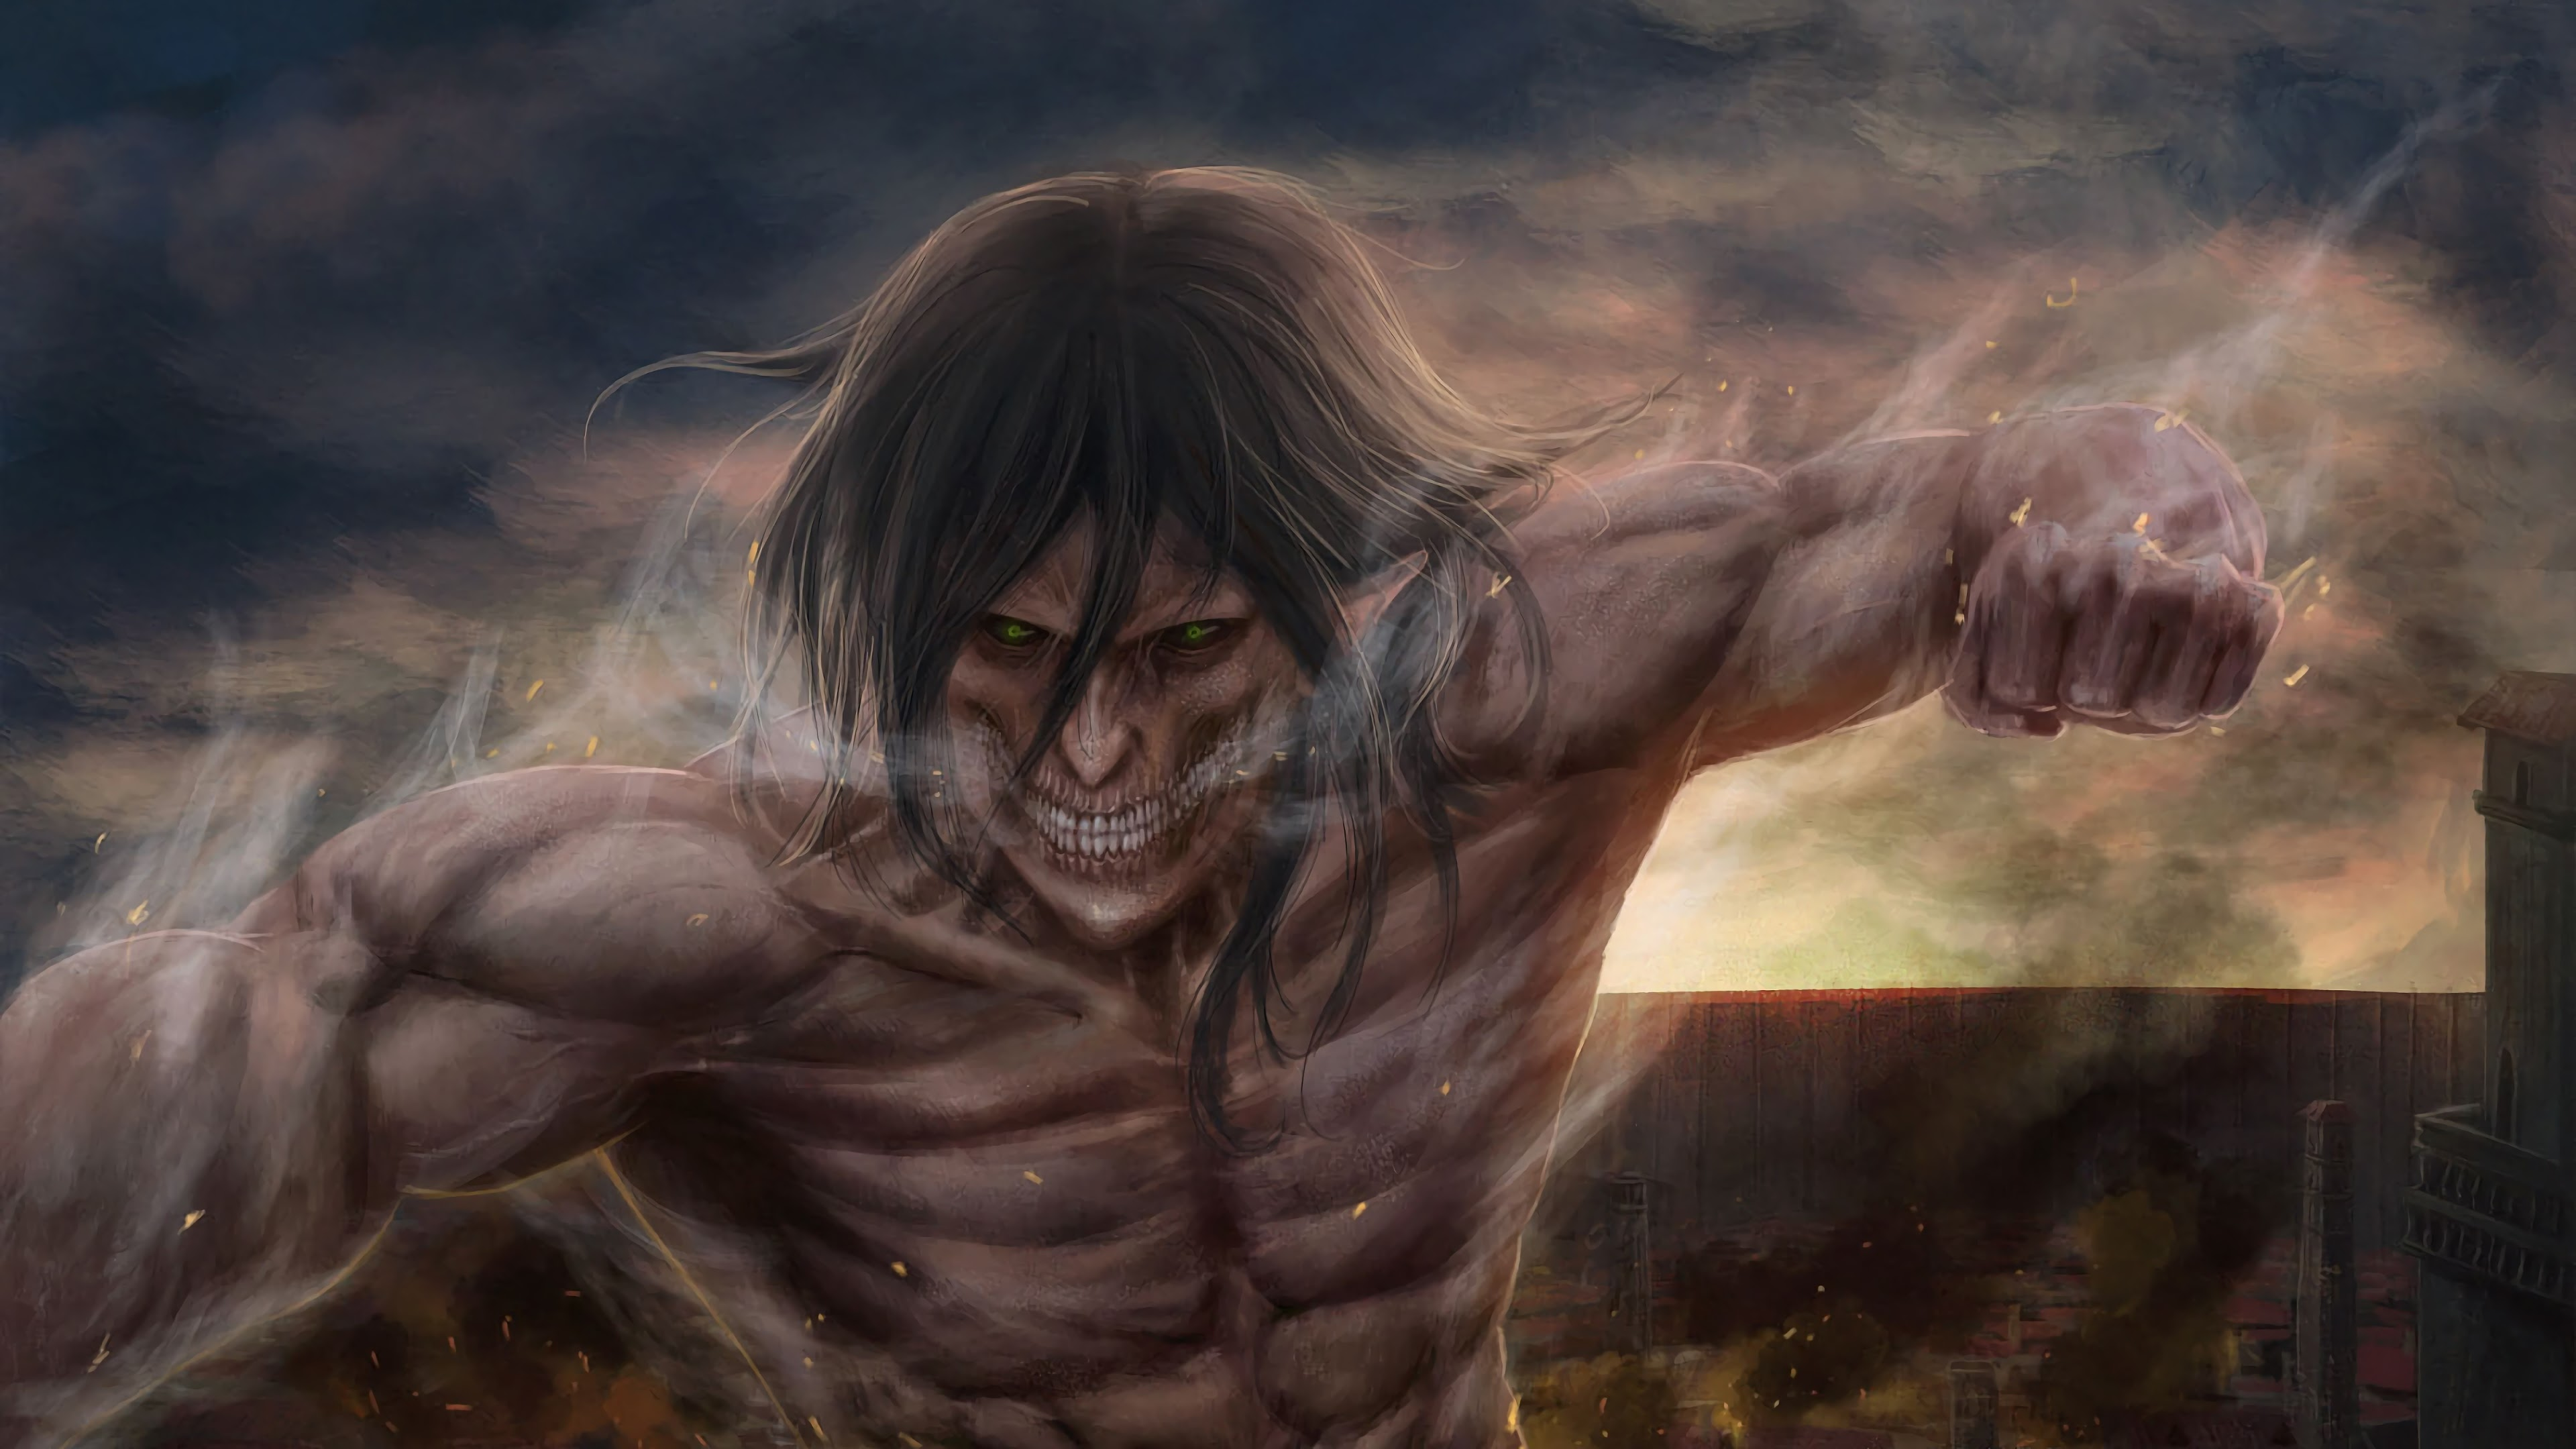 Hajime isayama, kodansha/''attack on titan'' production committee attack on titan has taken the anime world by storm. Attack Titan, Attack on Titan, 4K, #107 Wallpaper